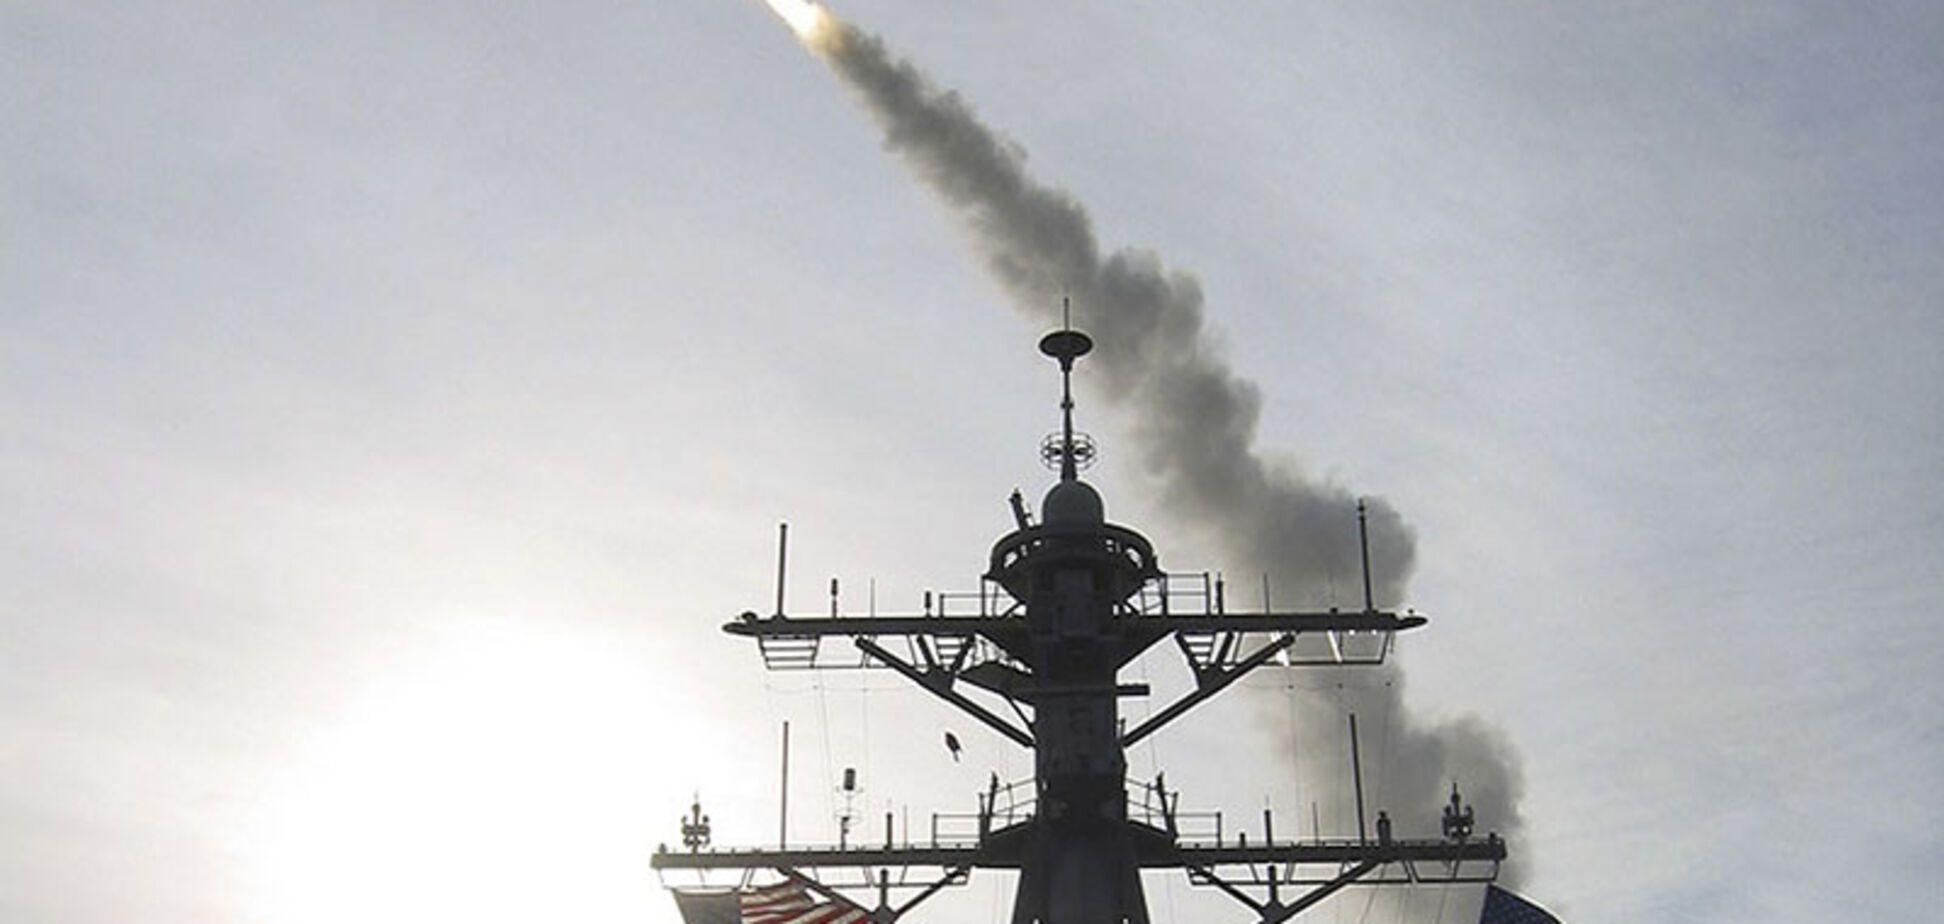 Удар по Сирії: Росія пригрозила збивати всі ракети США